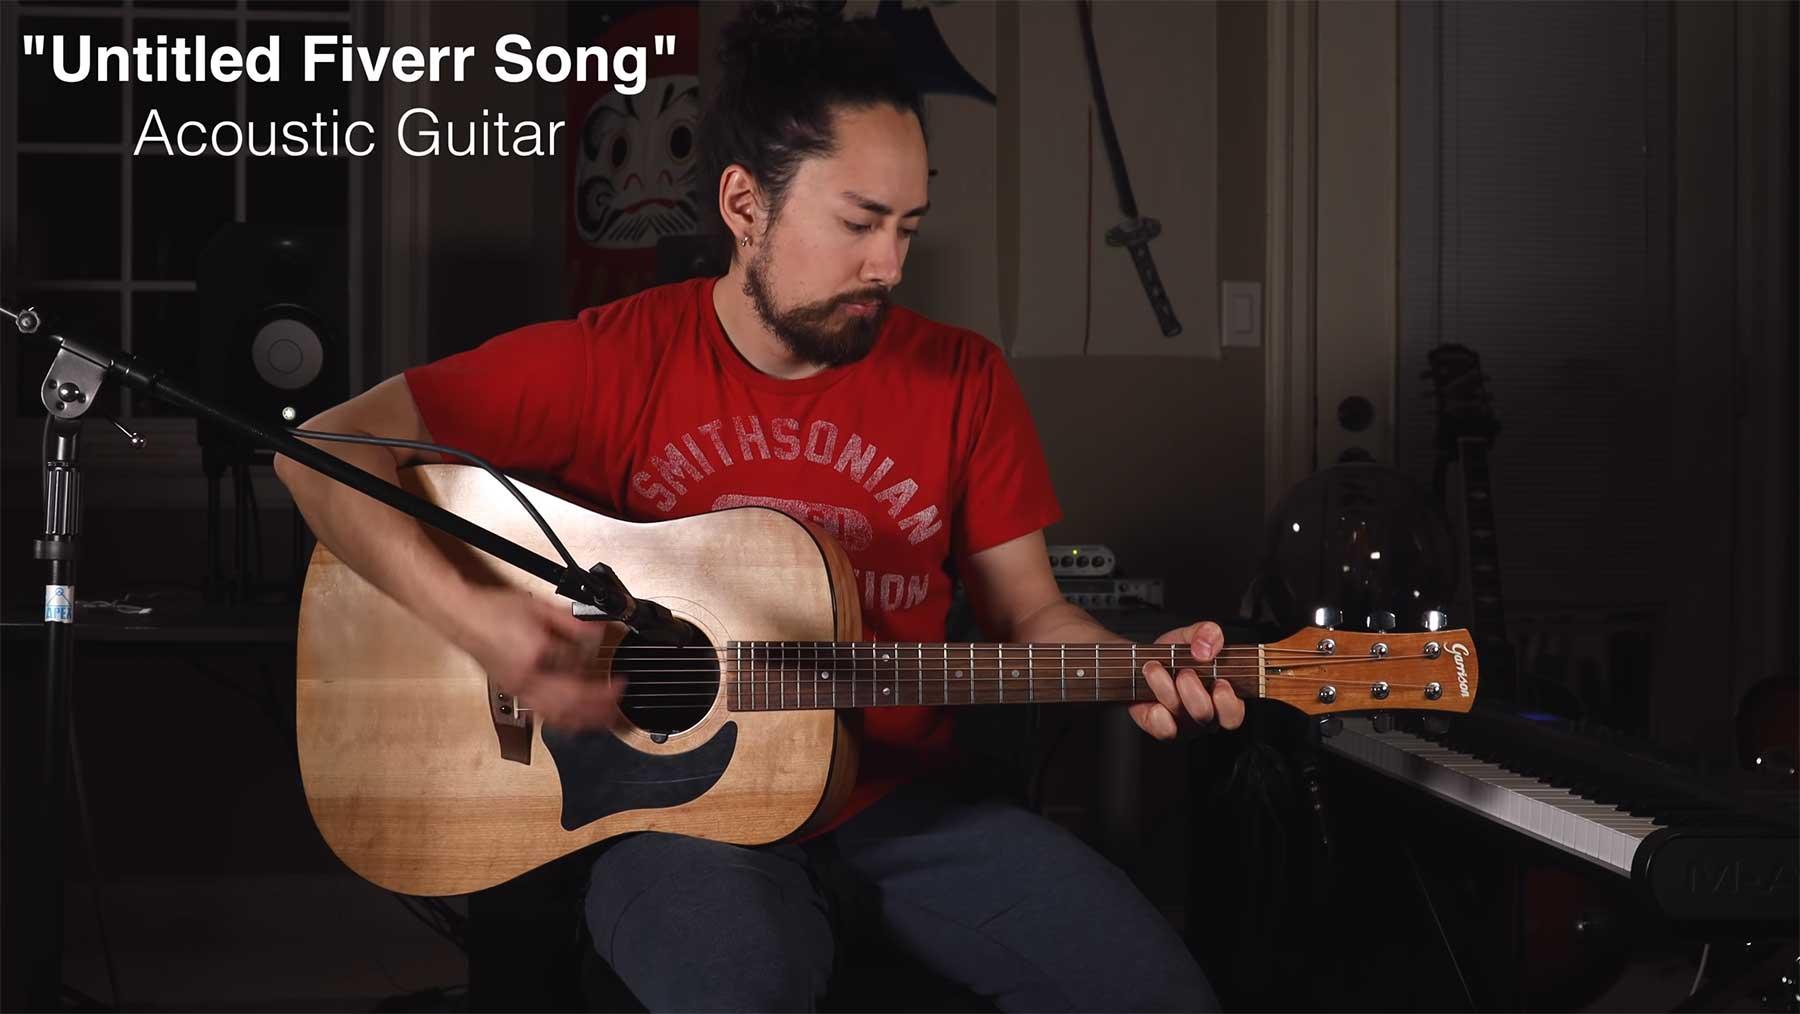 samuraiguitarist hat Musiker von Fiverr einen Song machen lassen fiverr-song-samuraiguitarist